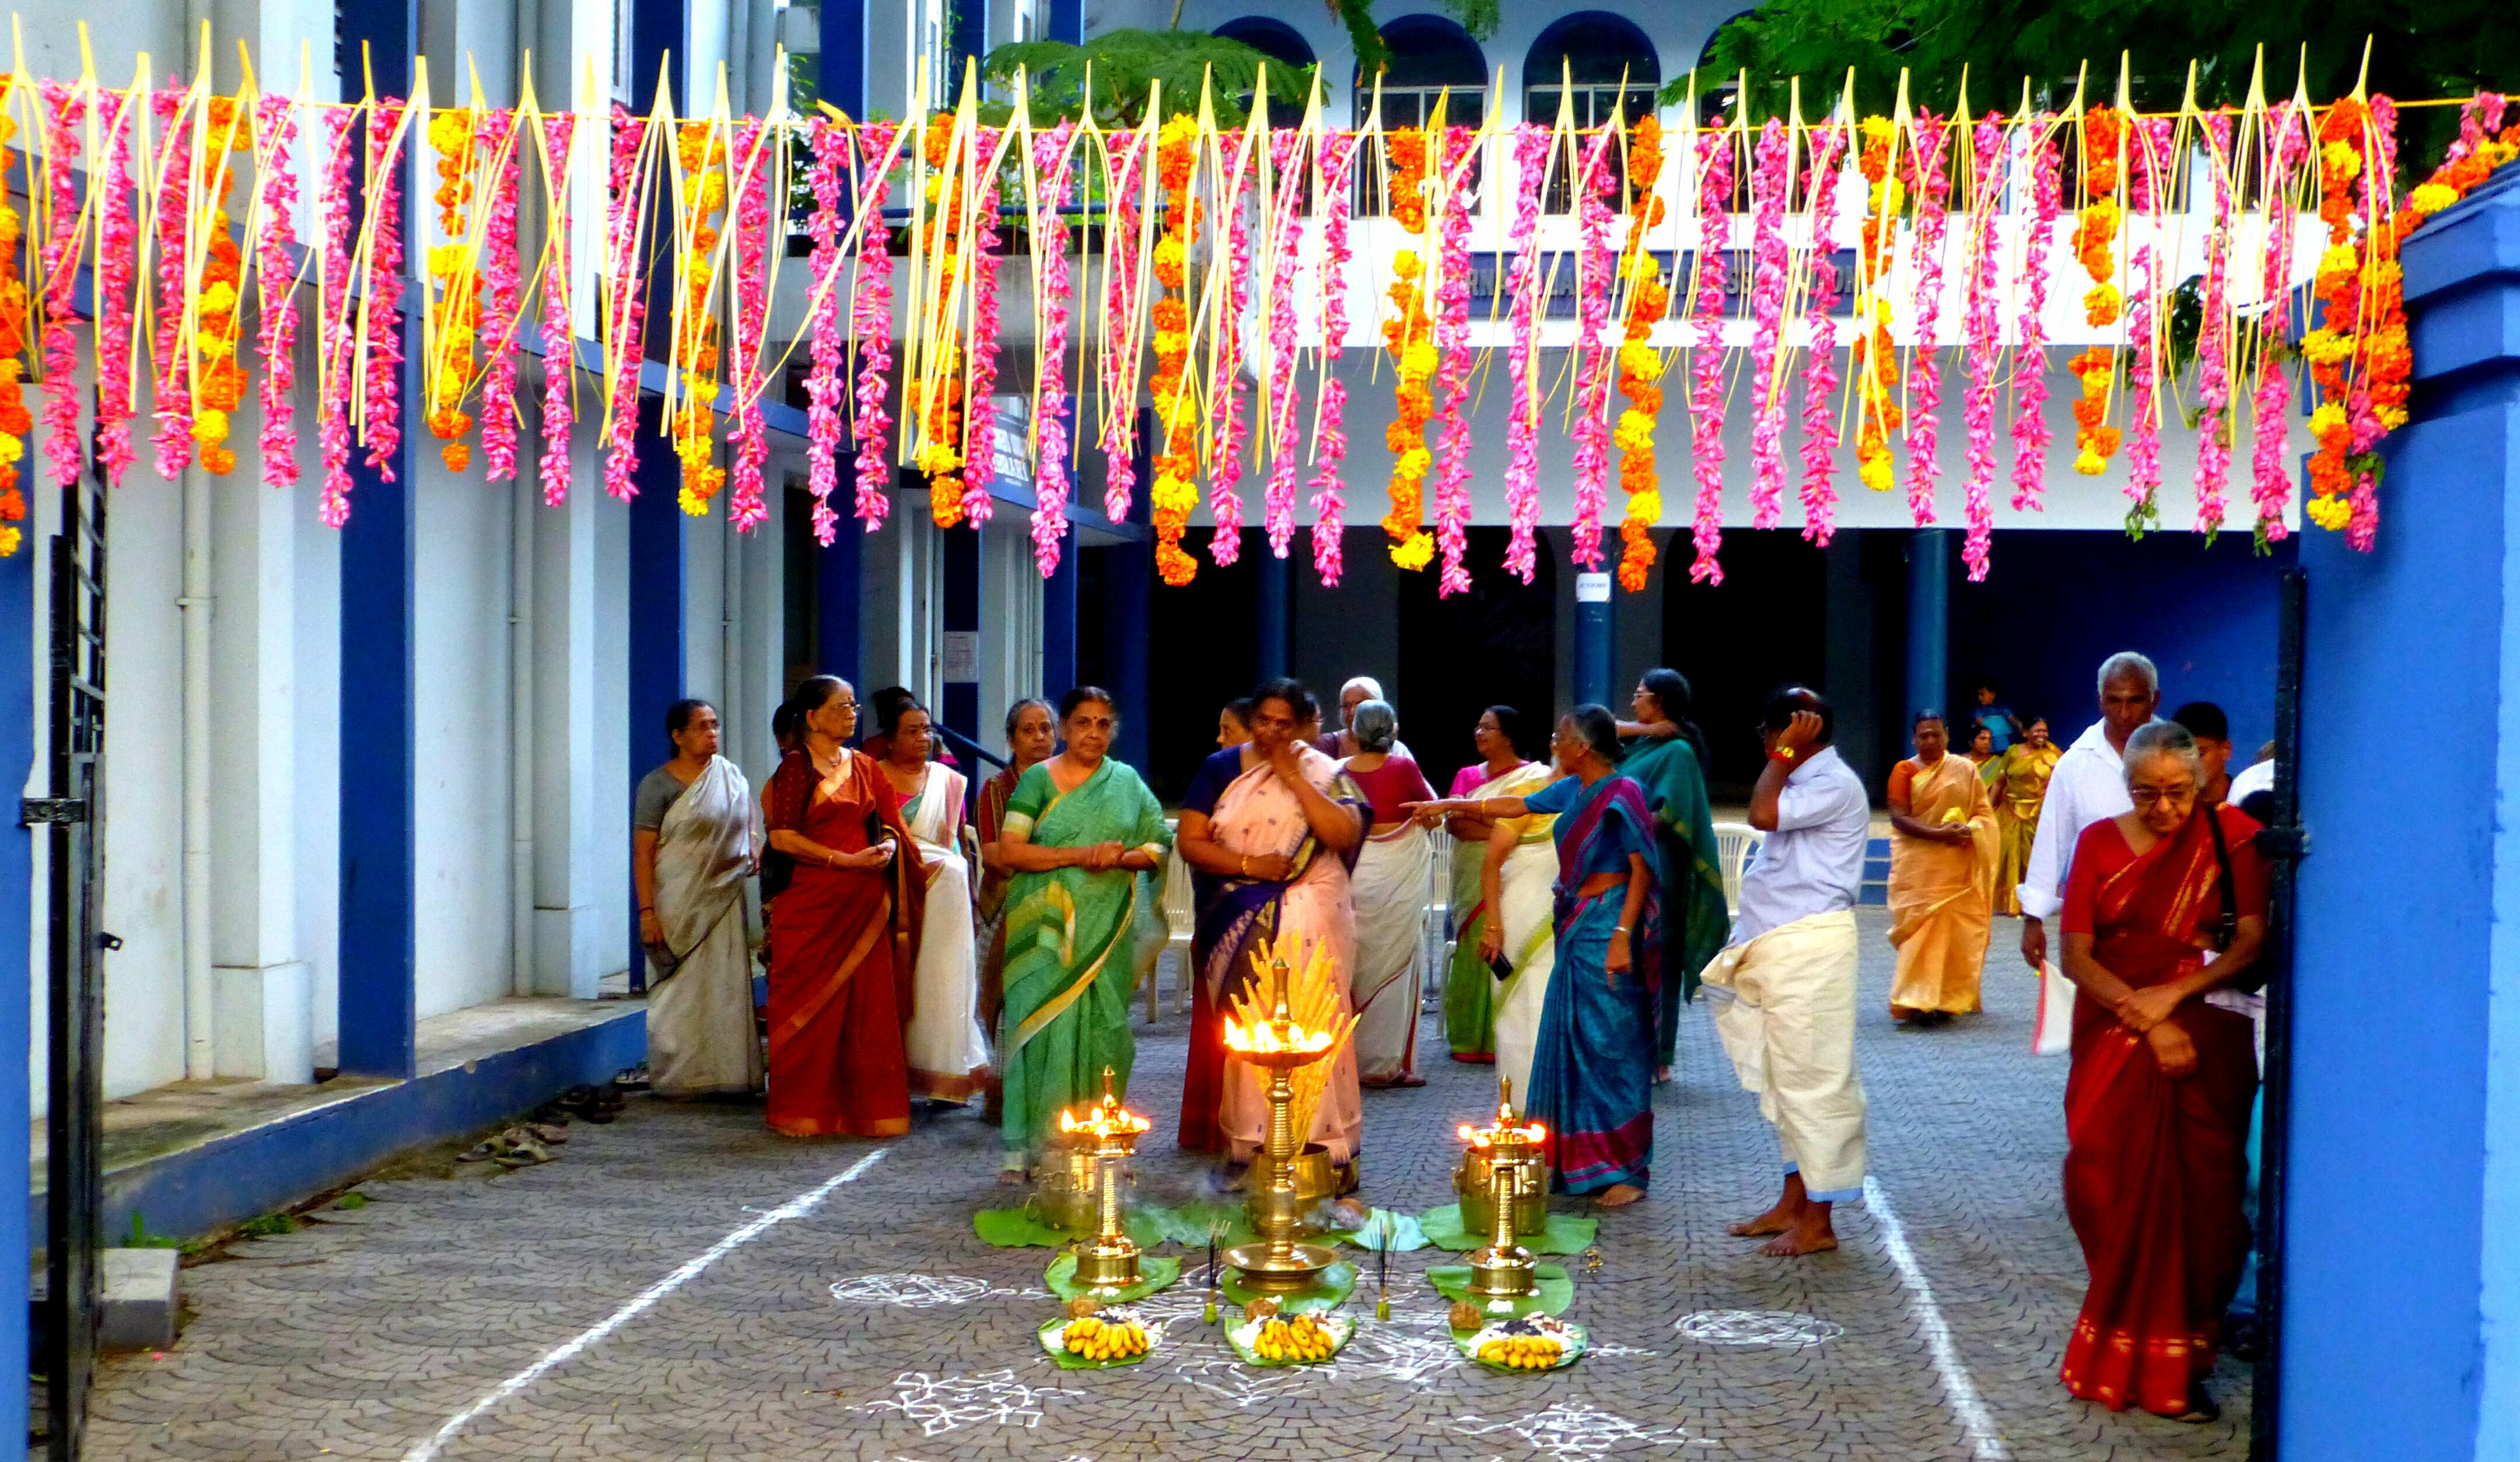 Rituelen, gepofte rijst en heilige olifanten in Cochin. Kerala - India